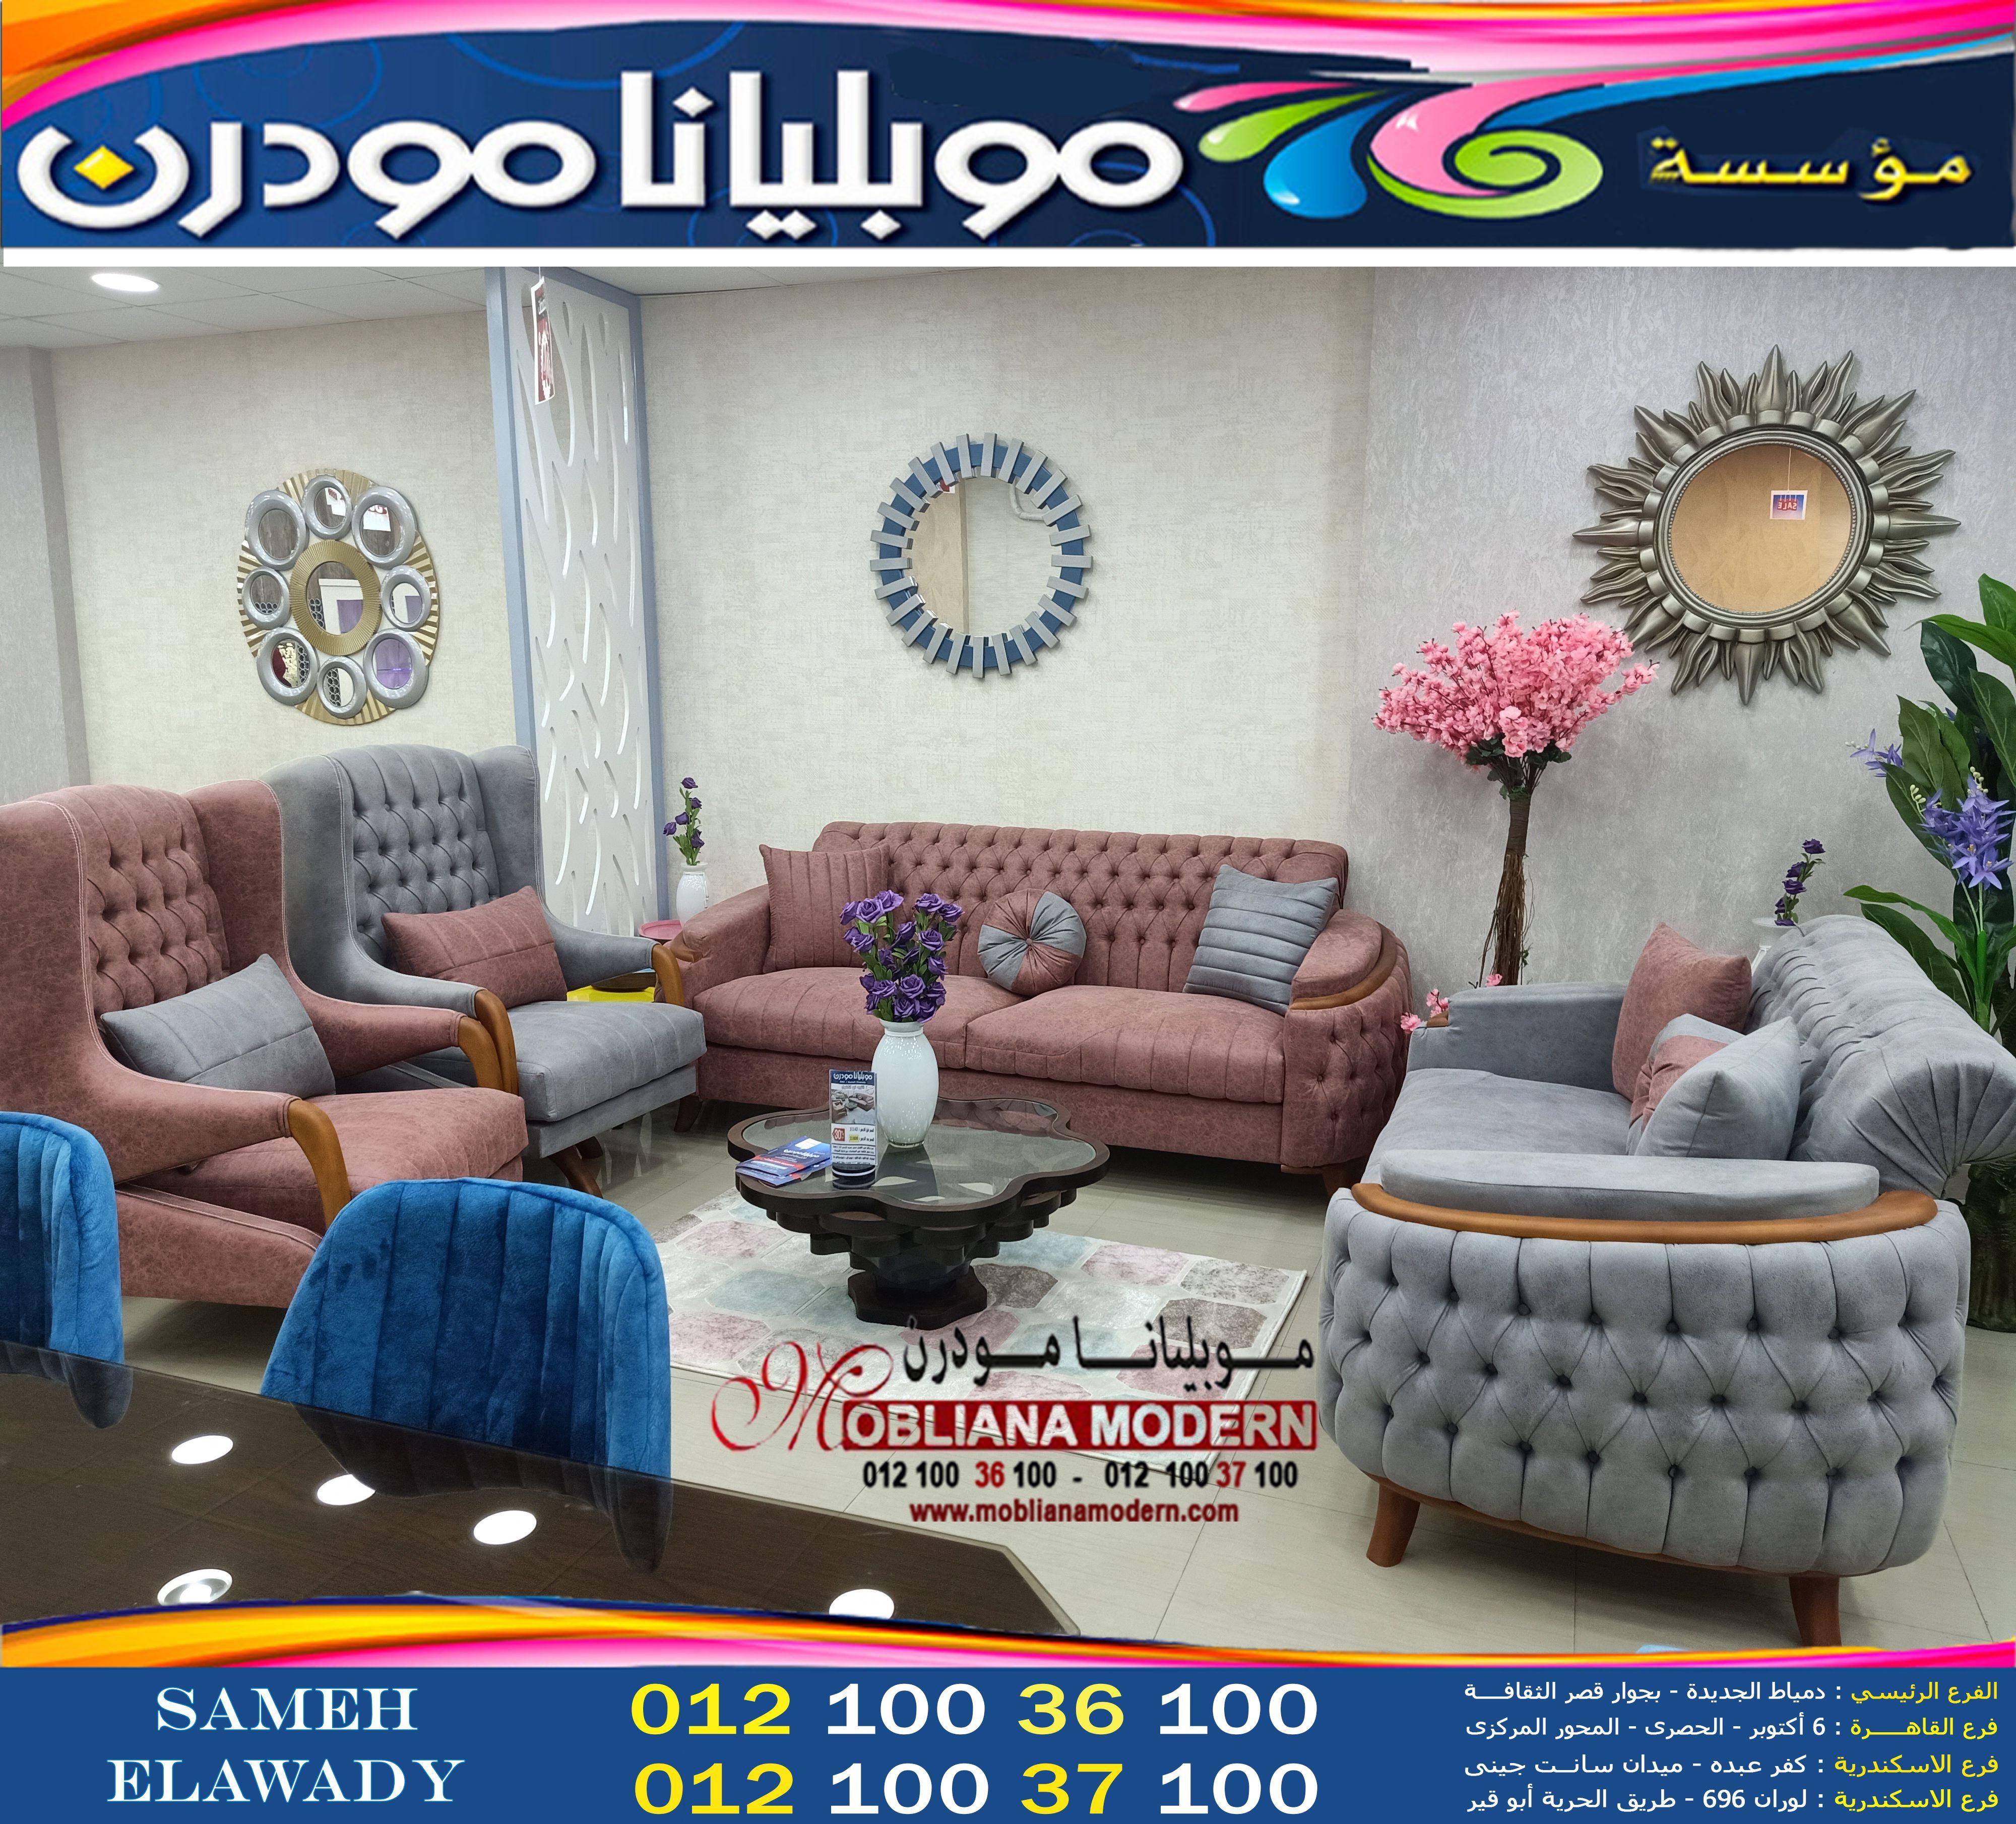 اثاث موبليانا مودرن انتريهات وكنب مودرن 2021 كتالوجات انتريهات 2022 انتريه كابوتنيه 2023 Luxury Sofa Design Master Bedroom Storage Ideas Furniture